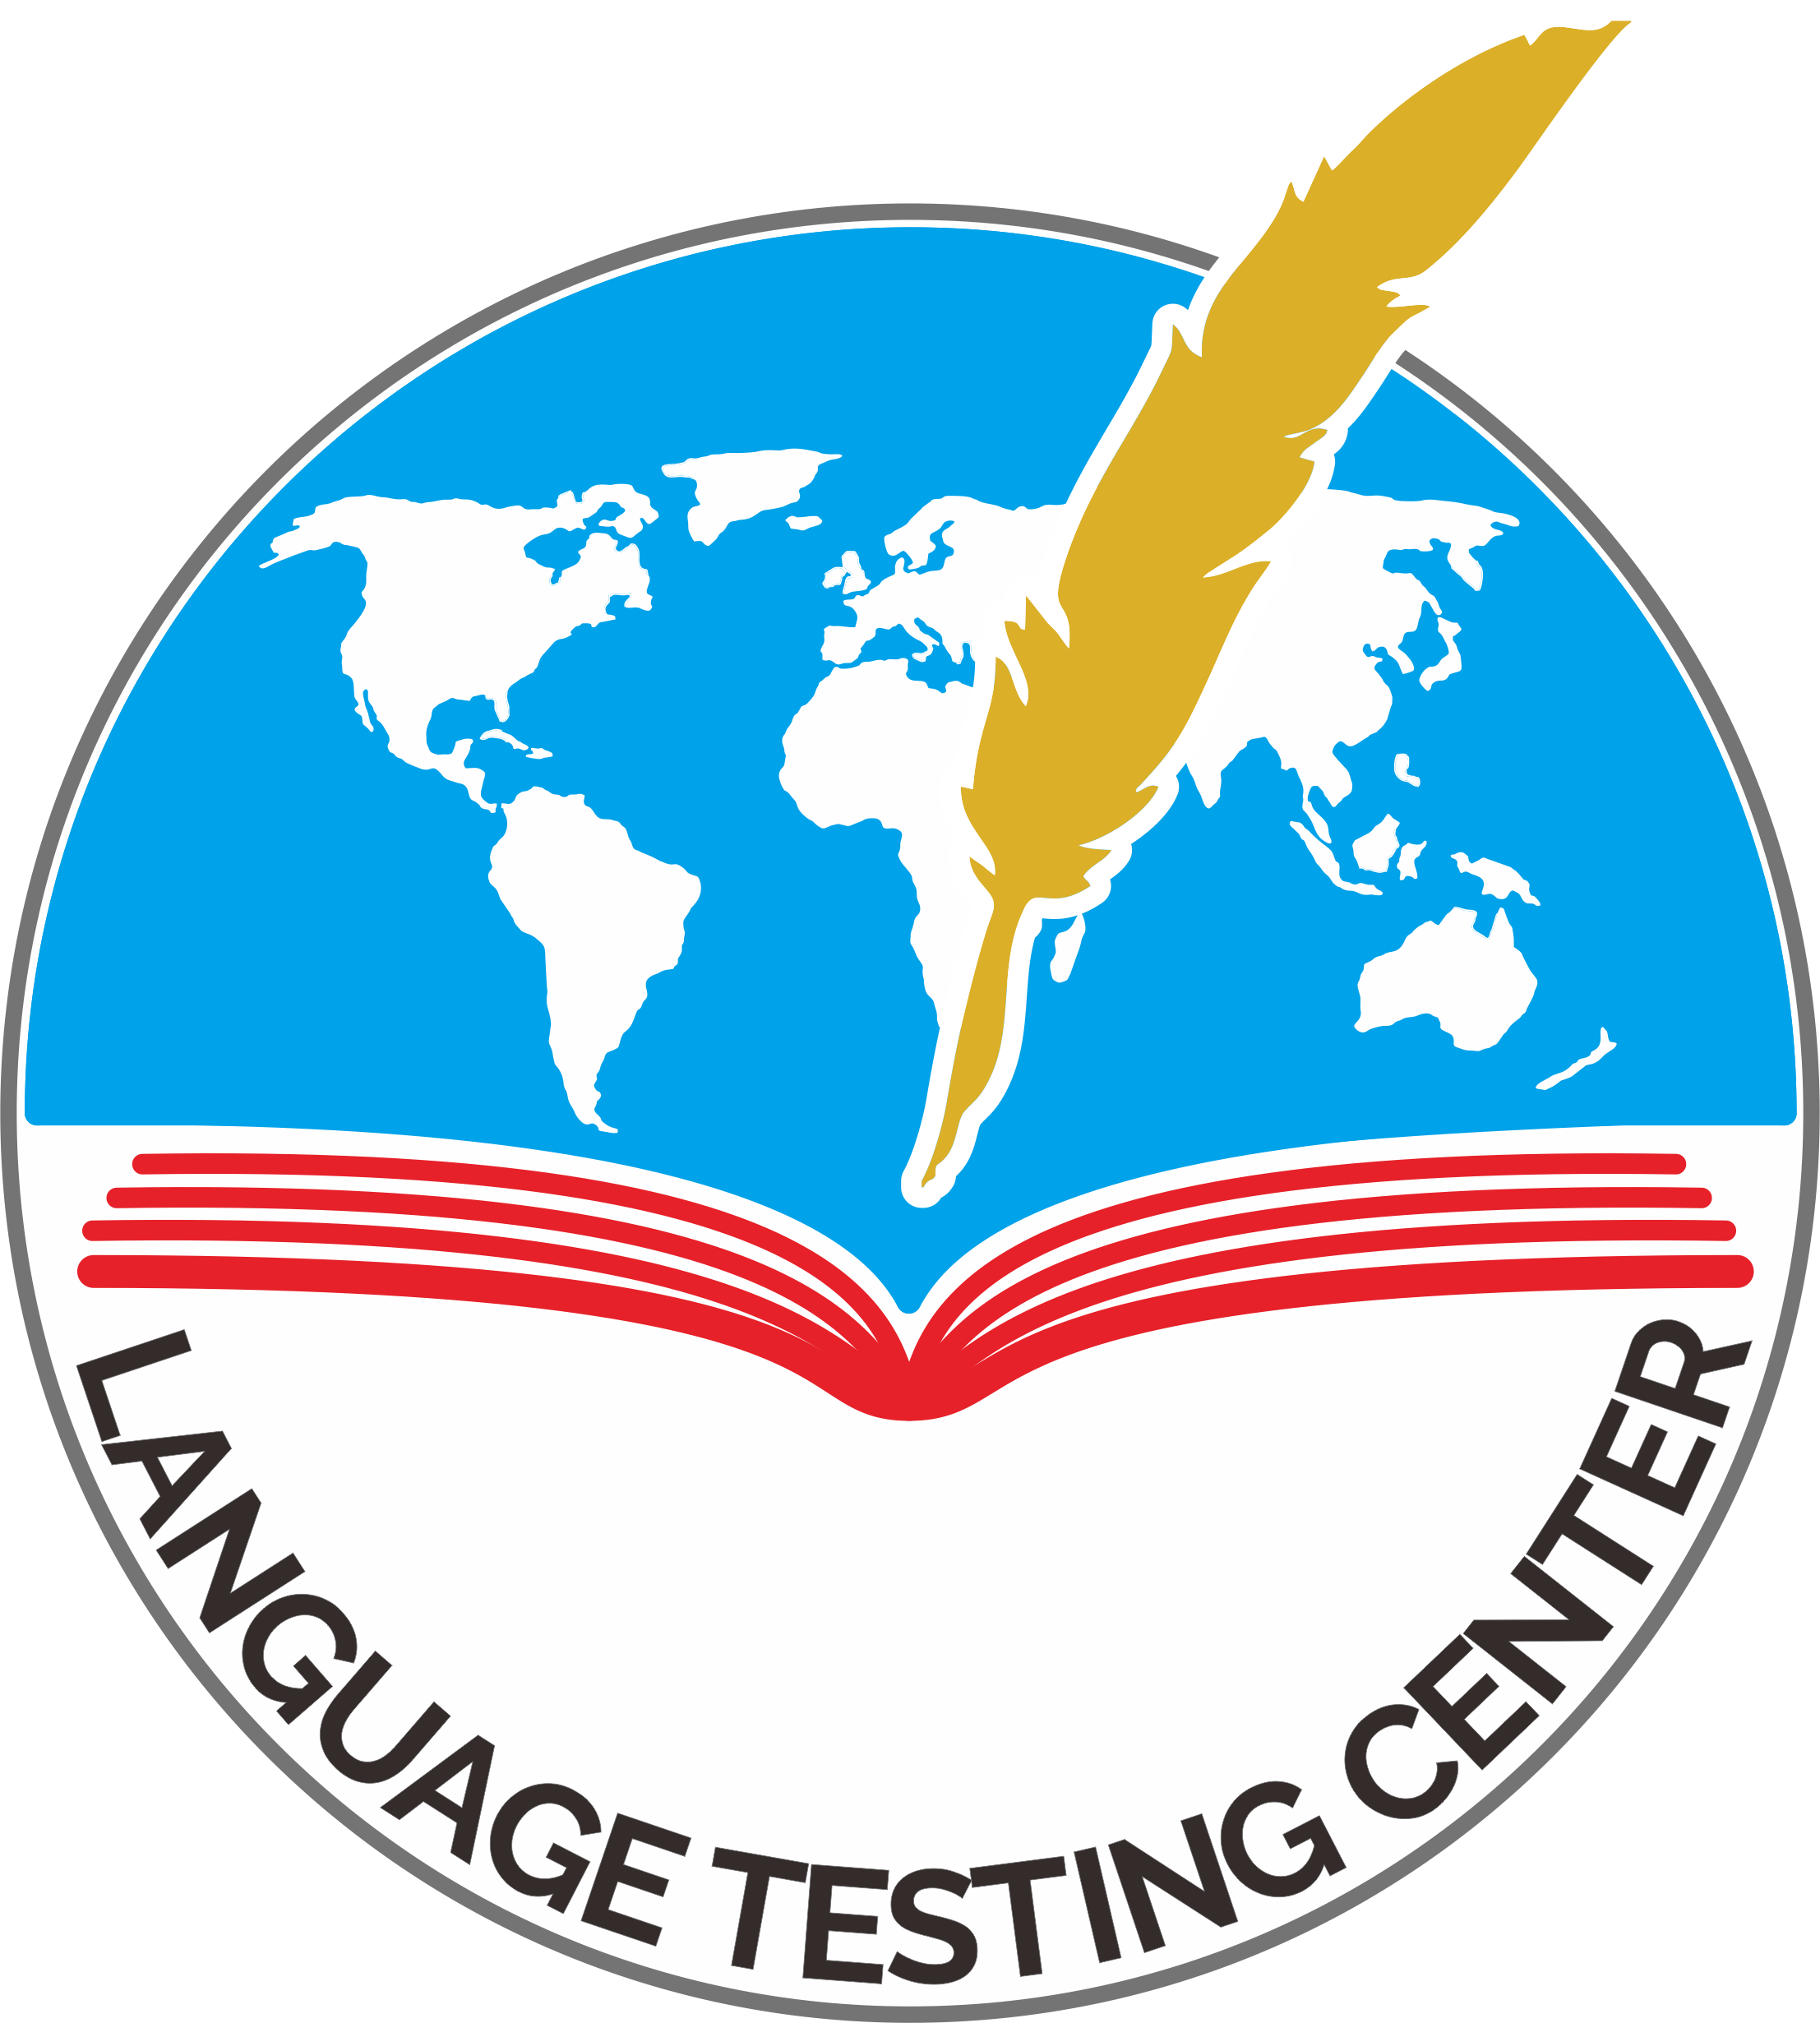 logo testing